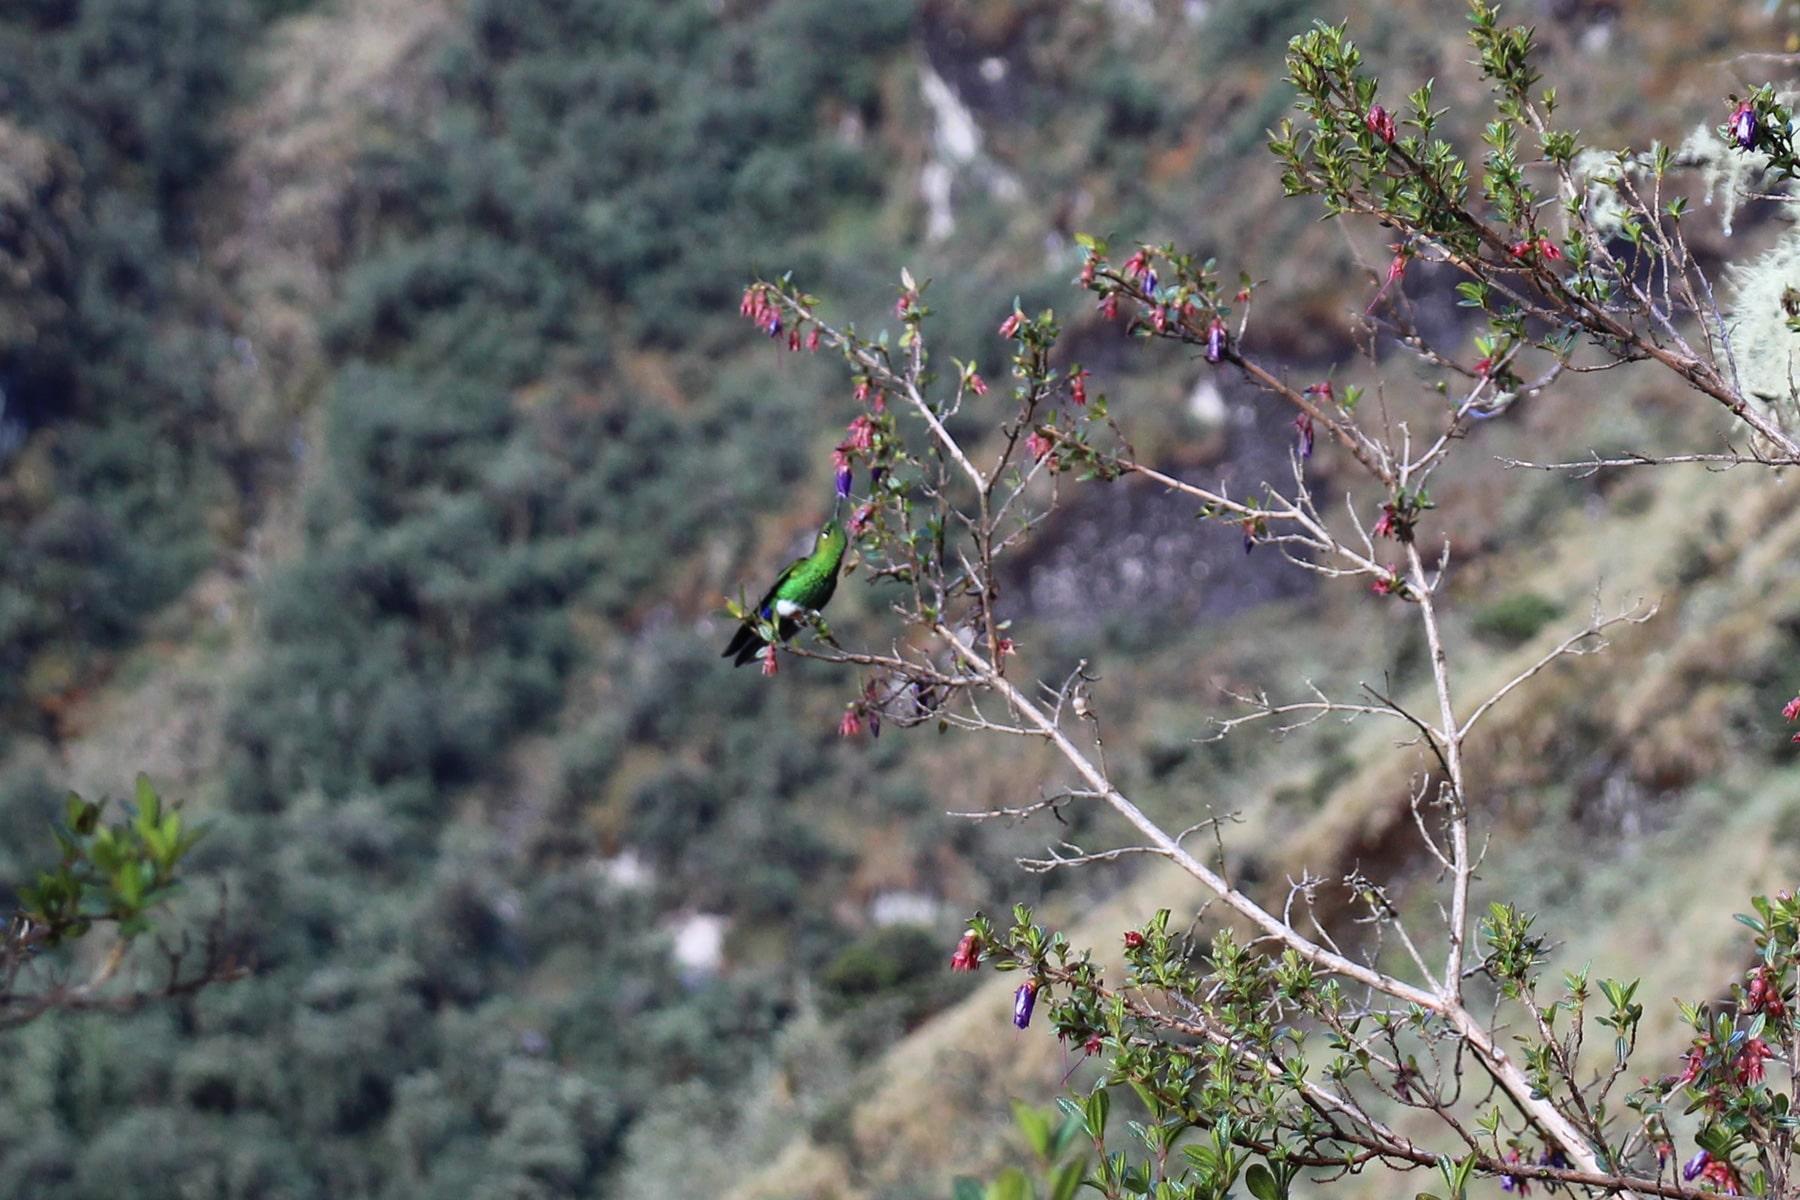 Un colibrì sul sentiero inca